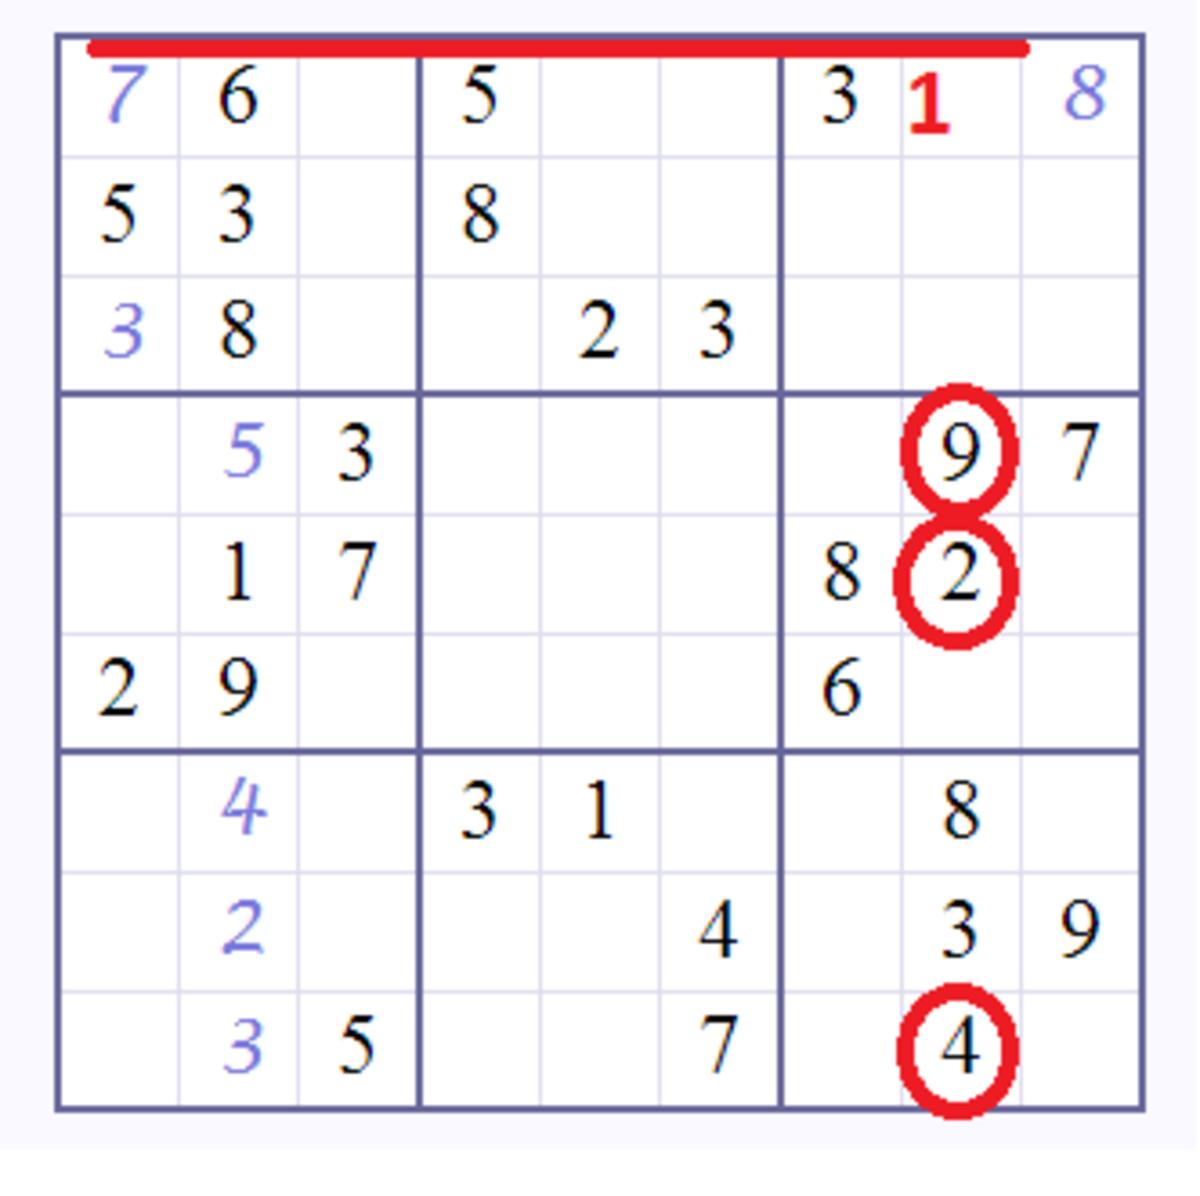 5-simple-tricks-to-solve-sudoku